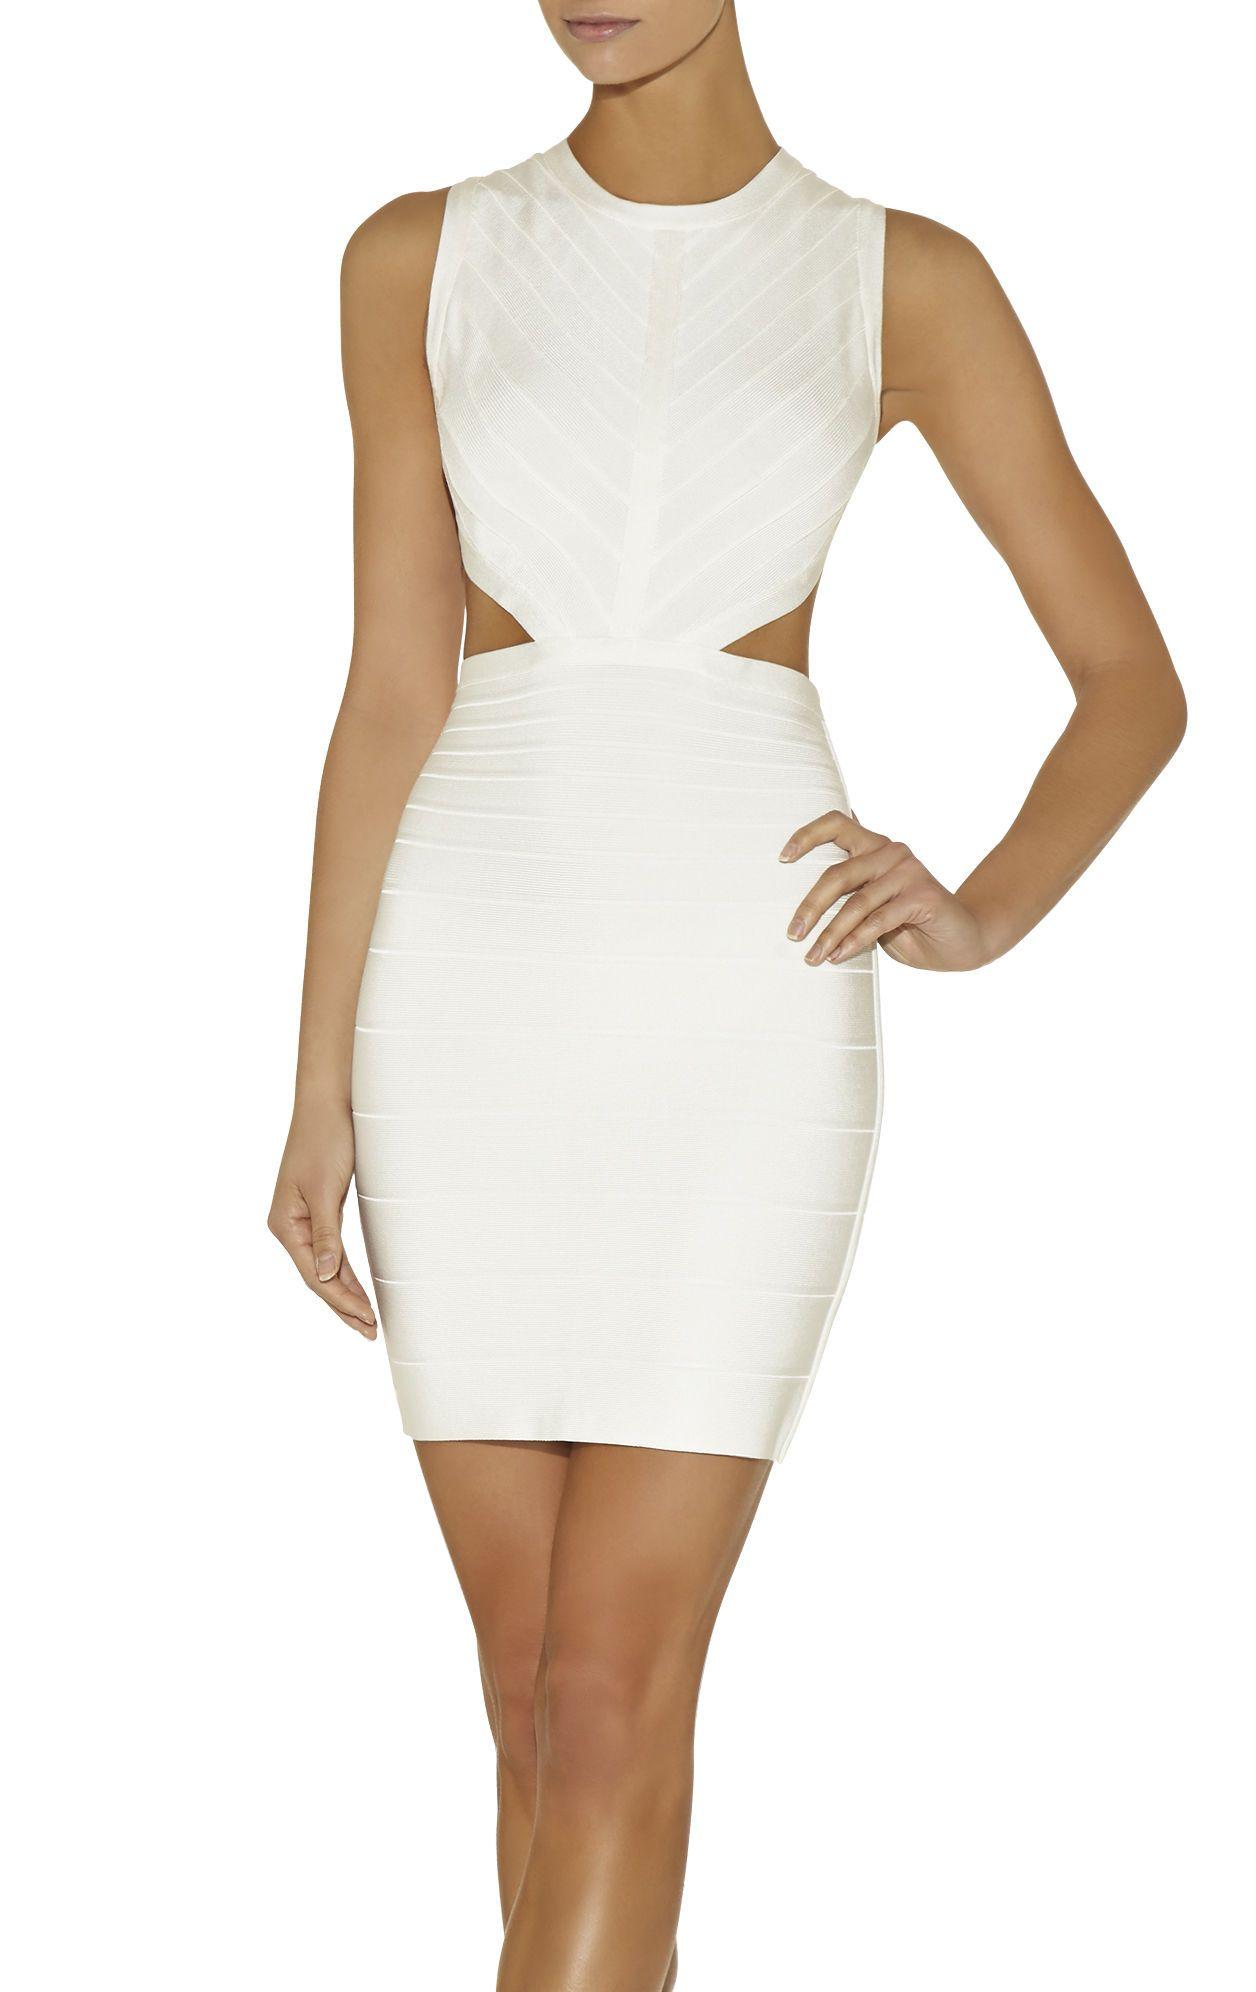 Audry Signature Essential Dress